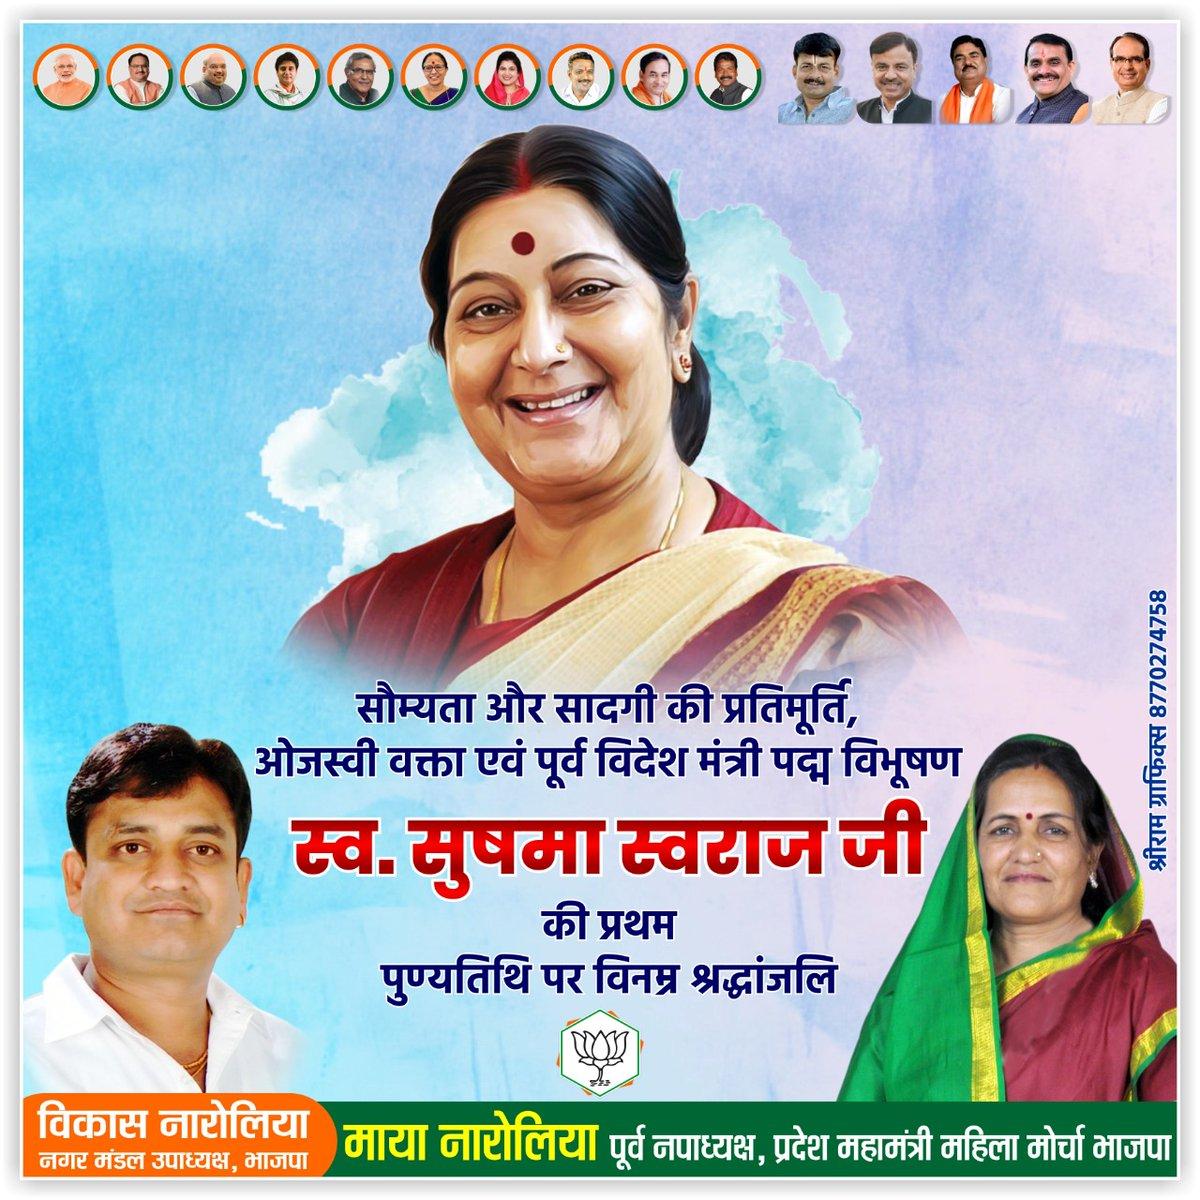 भारतीय संस्कृति की पर्याय मृदुभाषी एवं ओजस्वी वक्ता, देश की प्रथम महिला विदेश मंत्री,सर्वप्रिय  पद्म विभूषण, सुषमा स्वराज जी की प्रथम पुण्यतिथि पर सादर नमन भावभीनी श्रद्धांजलि..#BJP4MP #shailendrabarua #VDSharma #ShivrajSinghChouhan #suhasbhagat #kamalpatel #lataelkarpic.twitter.com/GtqTMiYkq1